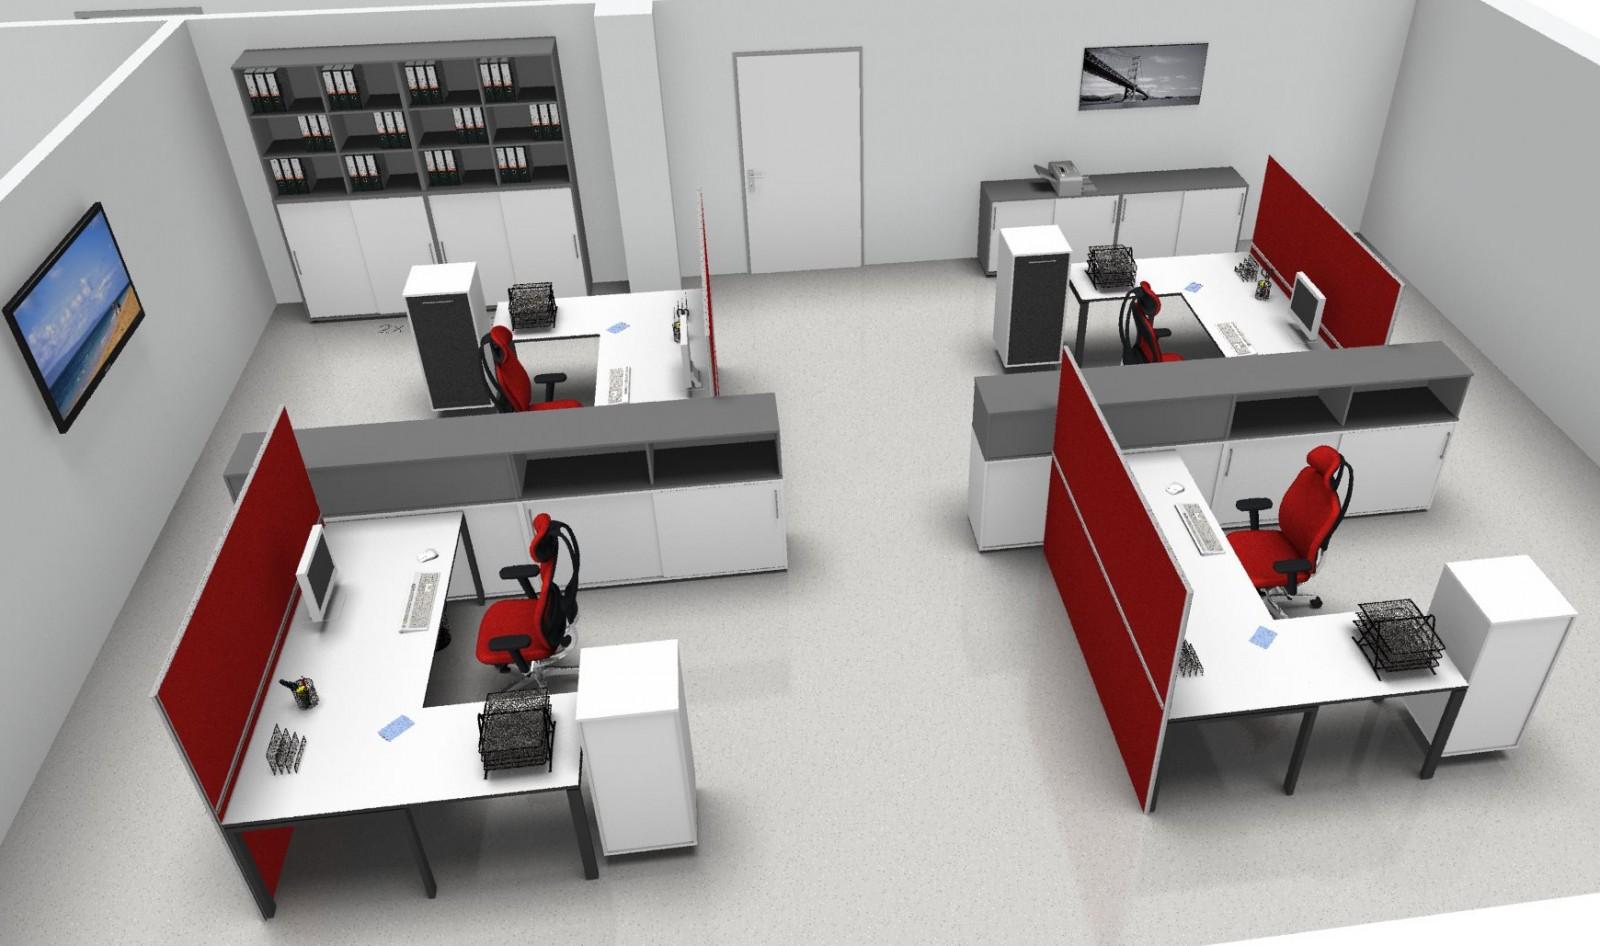 Büroeinrichtung planen  Kabelwanne UNI 1.100 x 100mm Bürotische Anbautische & Zubehör Zubehör